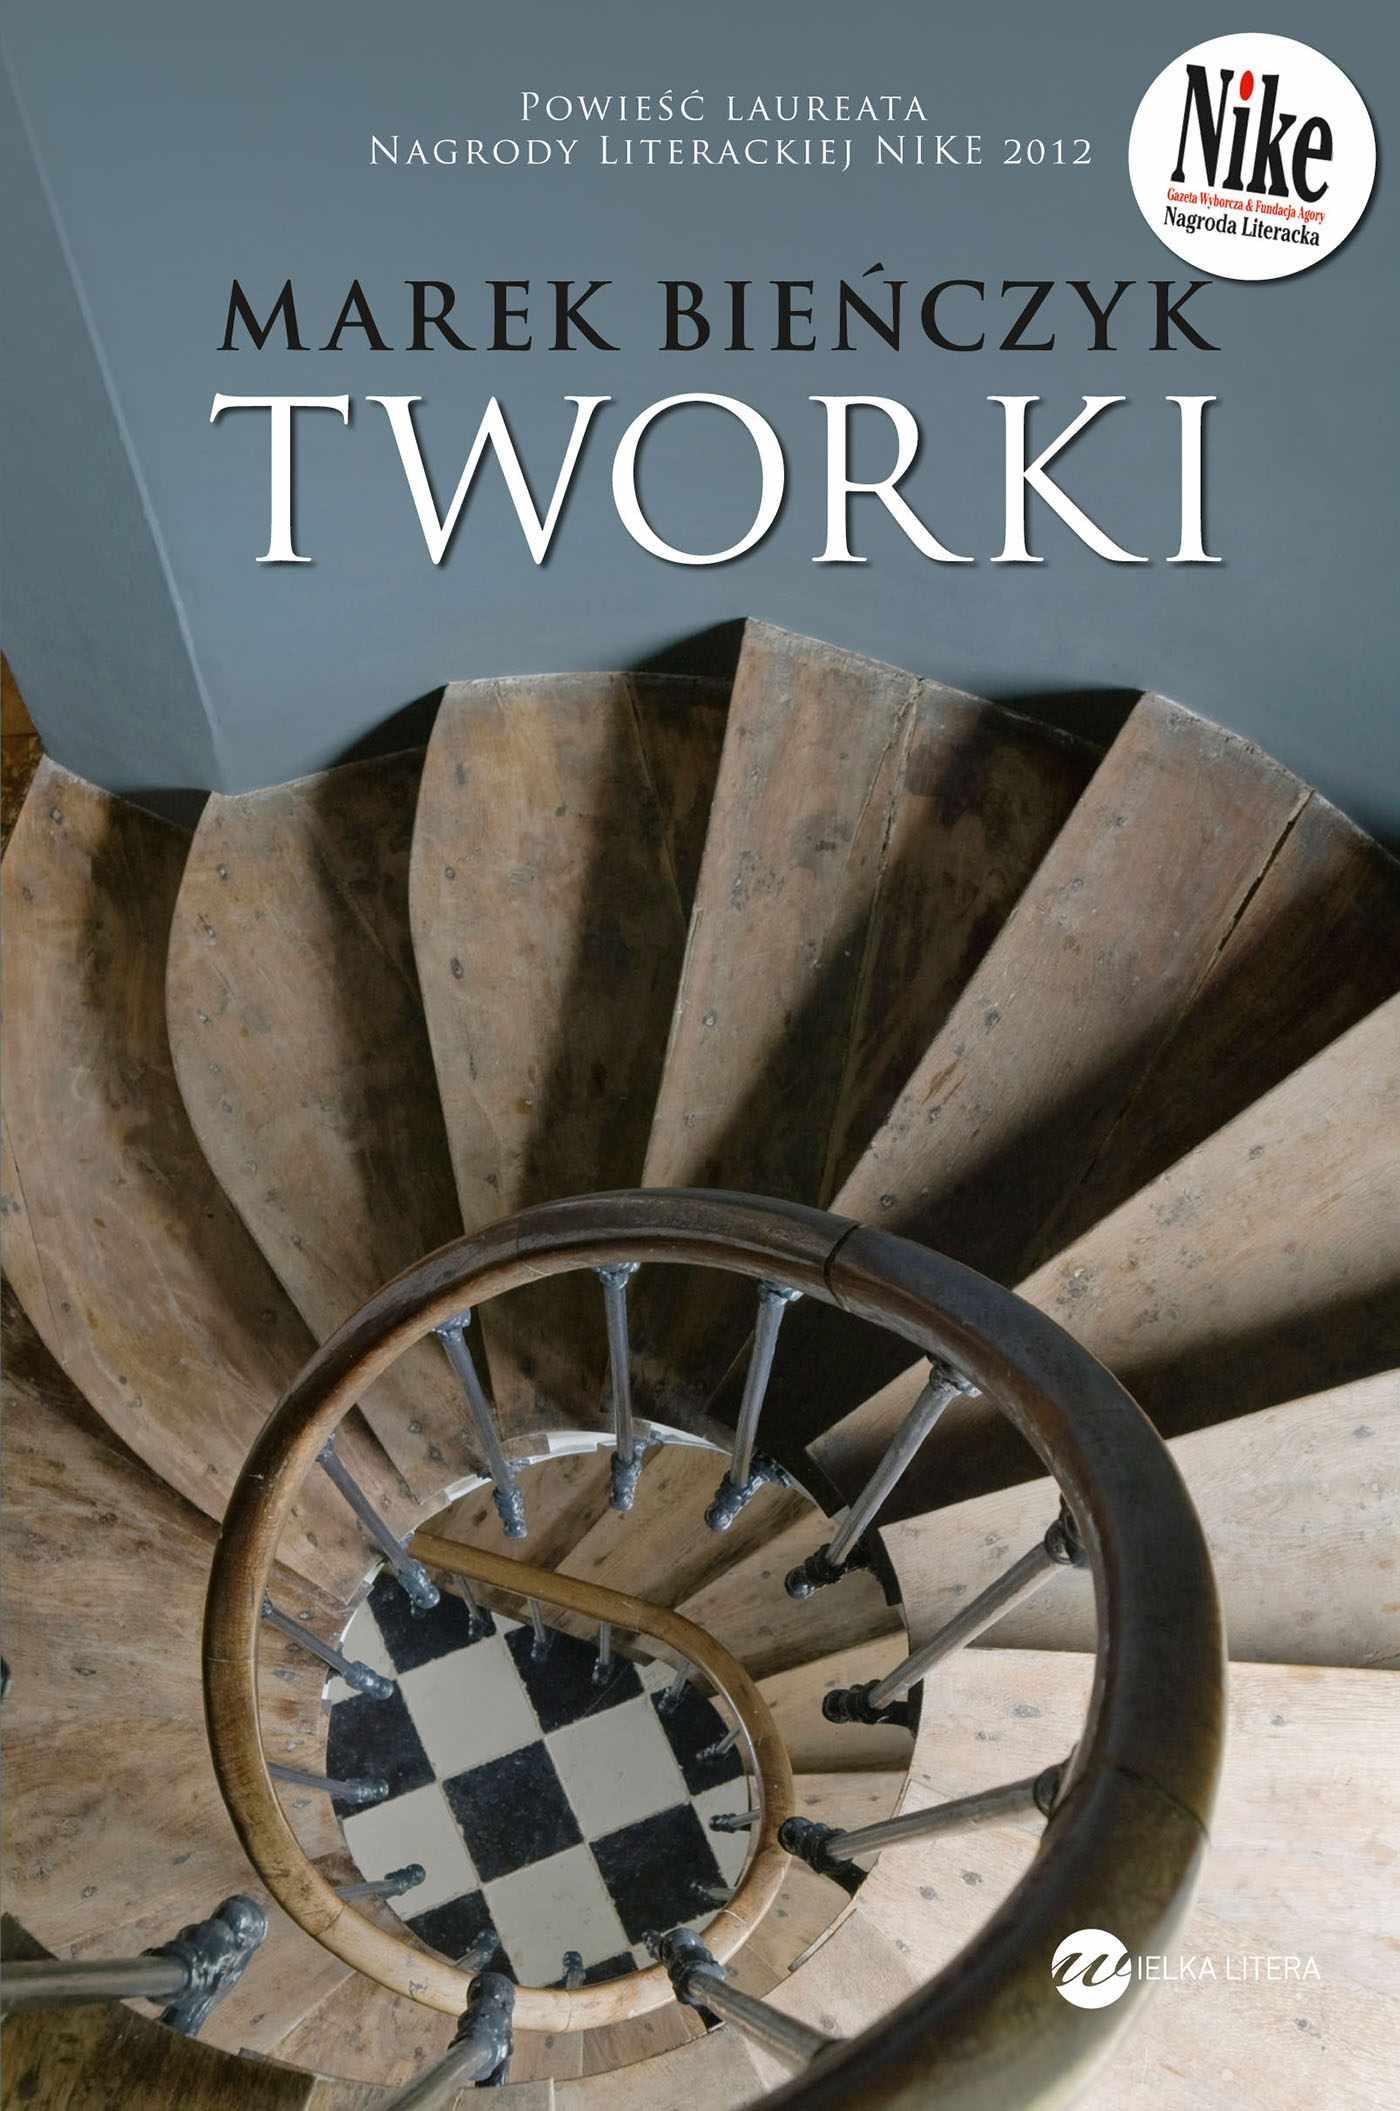 Tworki - Ebook (Książka EPUB) do pobrania w formacie EPUB